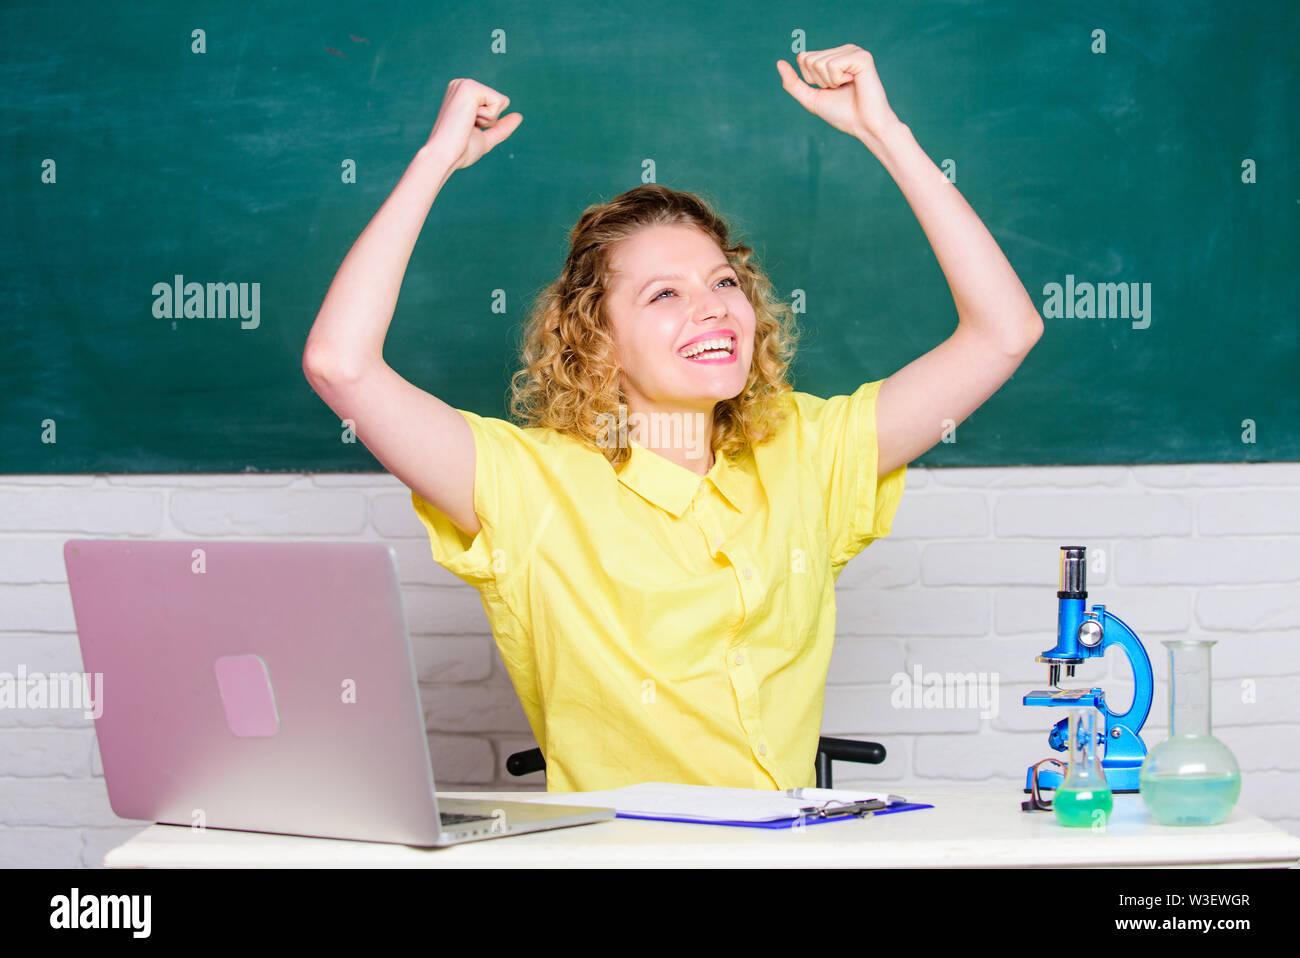 Présenter une demande de subvention et de bourses d'étudiants talentueux. Fille étudiante avec ordinateur portable et microscope. Commencez propre projet de recherche. Programme éducatif pour jeunes surdoués. Étudiant d'université ou maître d'école. Photo Stock